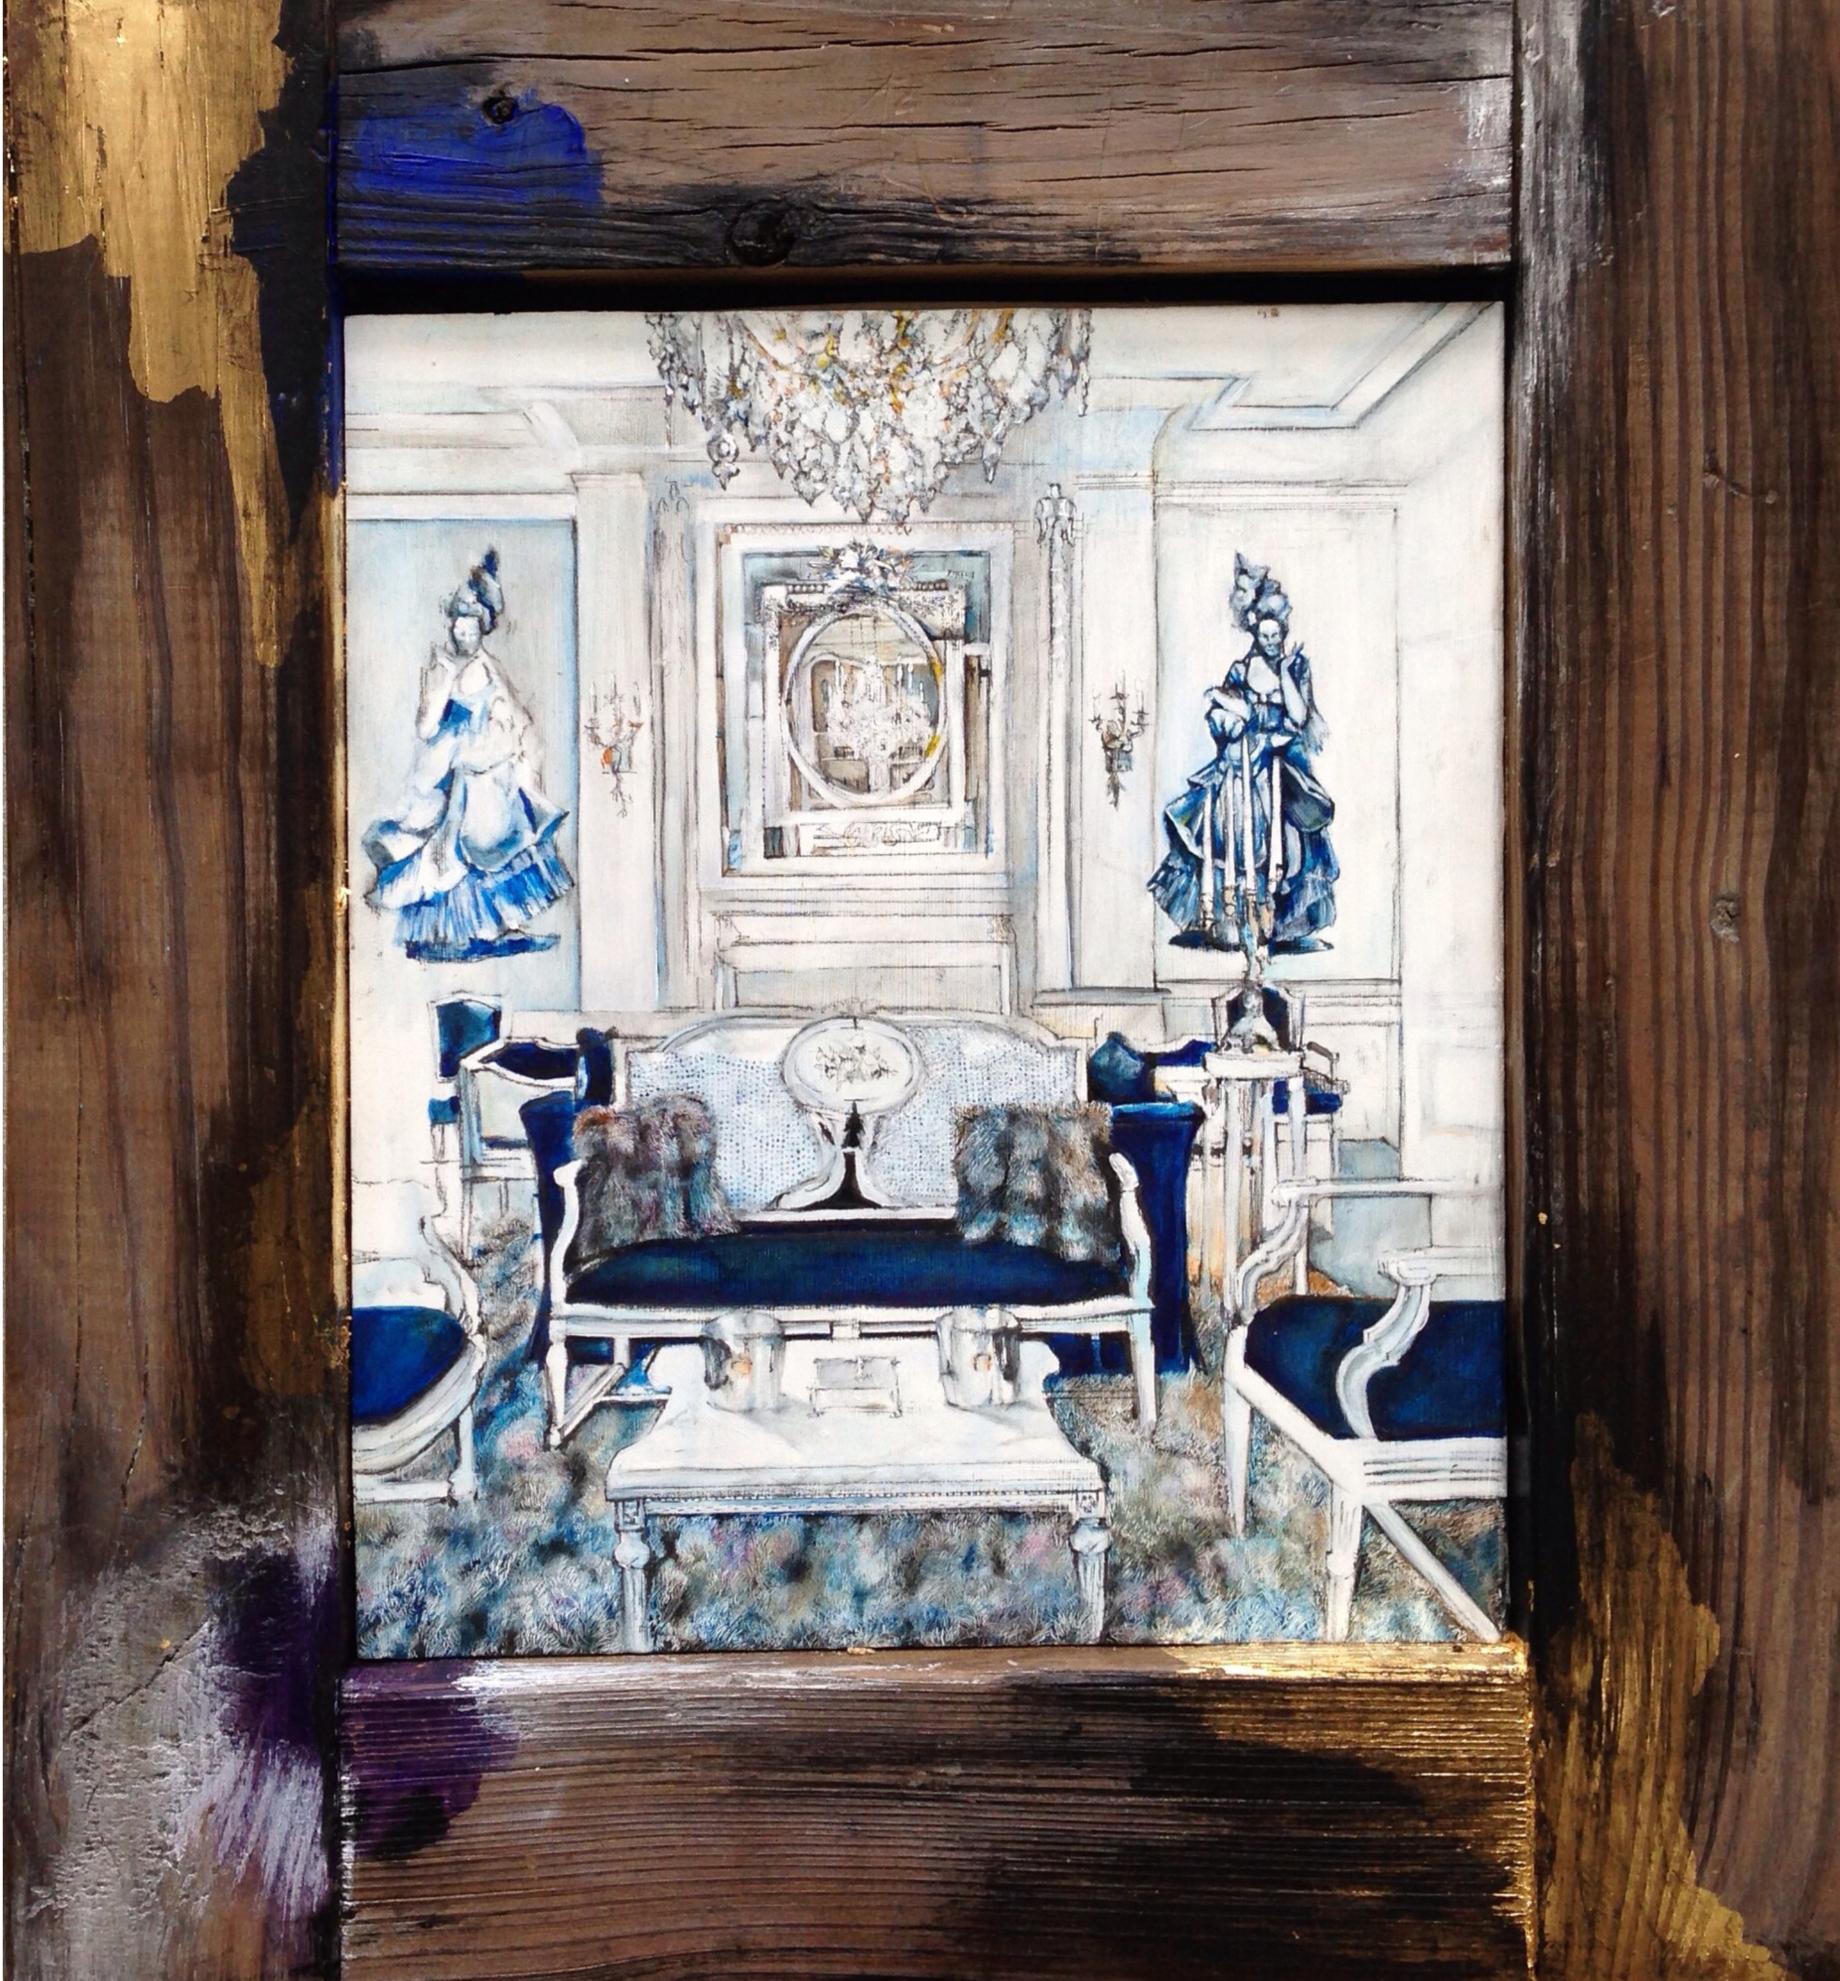 """Ruben's , 2012. Oil on wood. 16.75"""" x 15.25"""""""